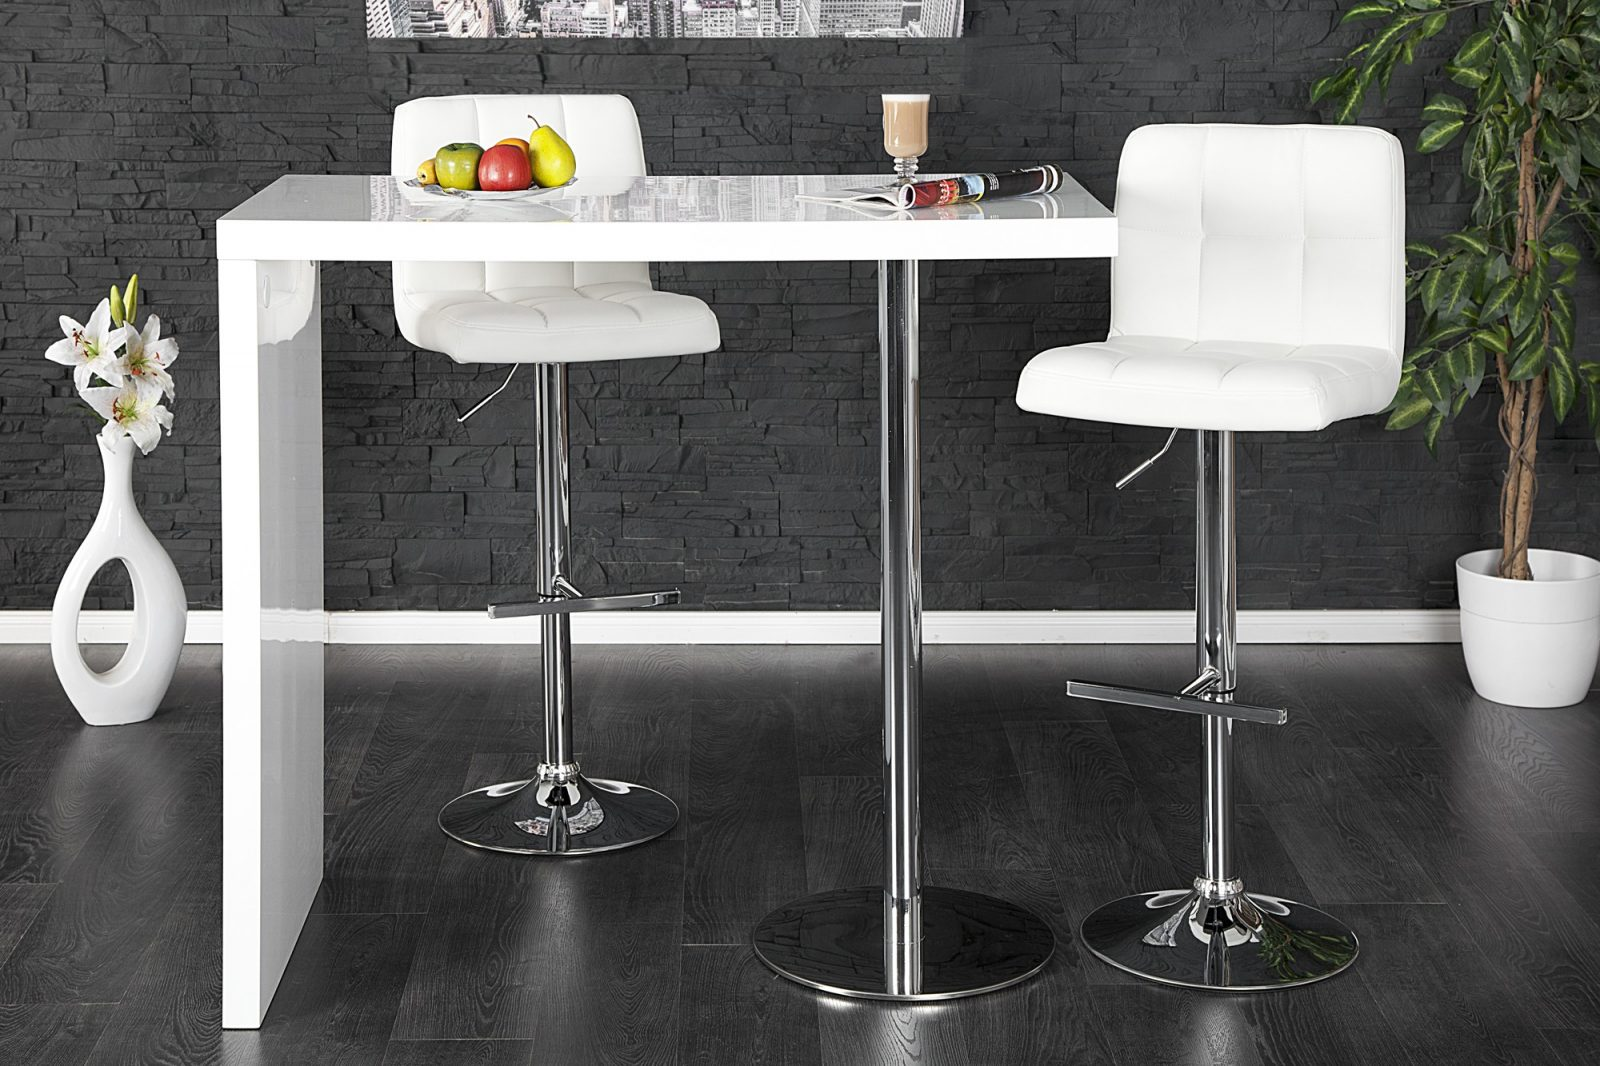 Mesa de cocina alta con diseño singular :: Imágenes y fotos